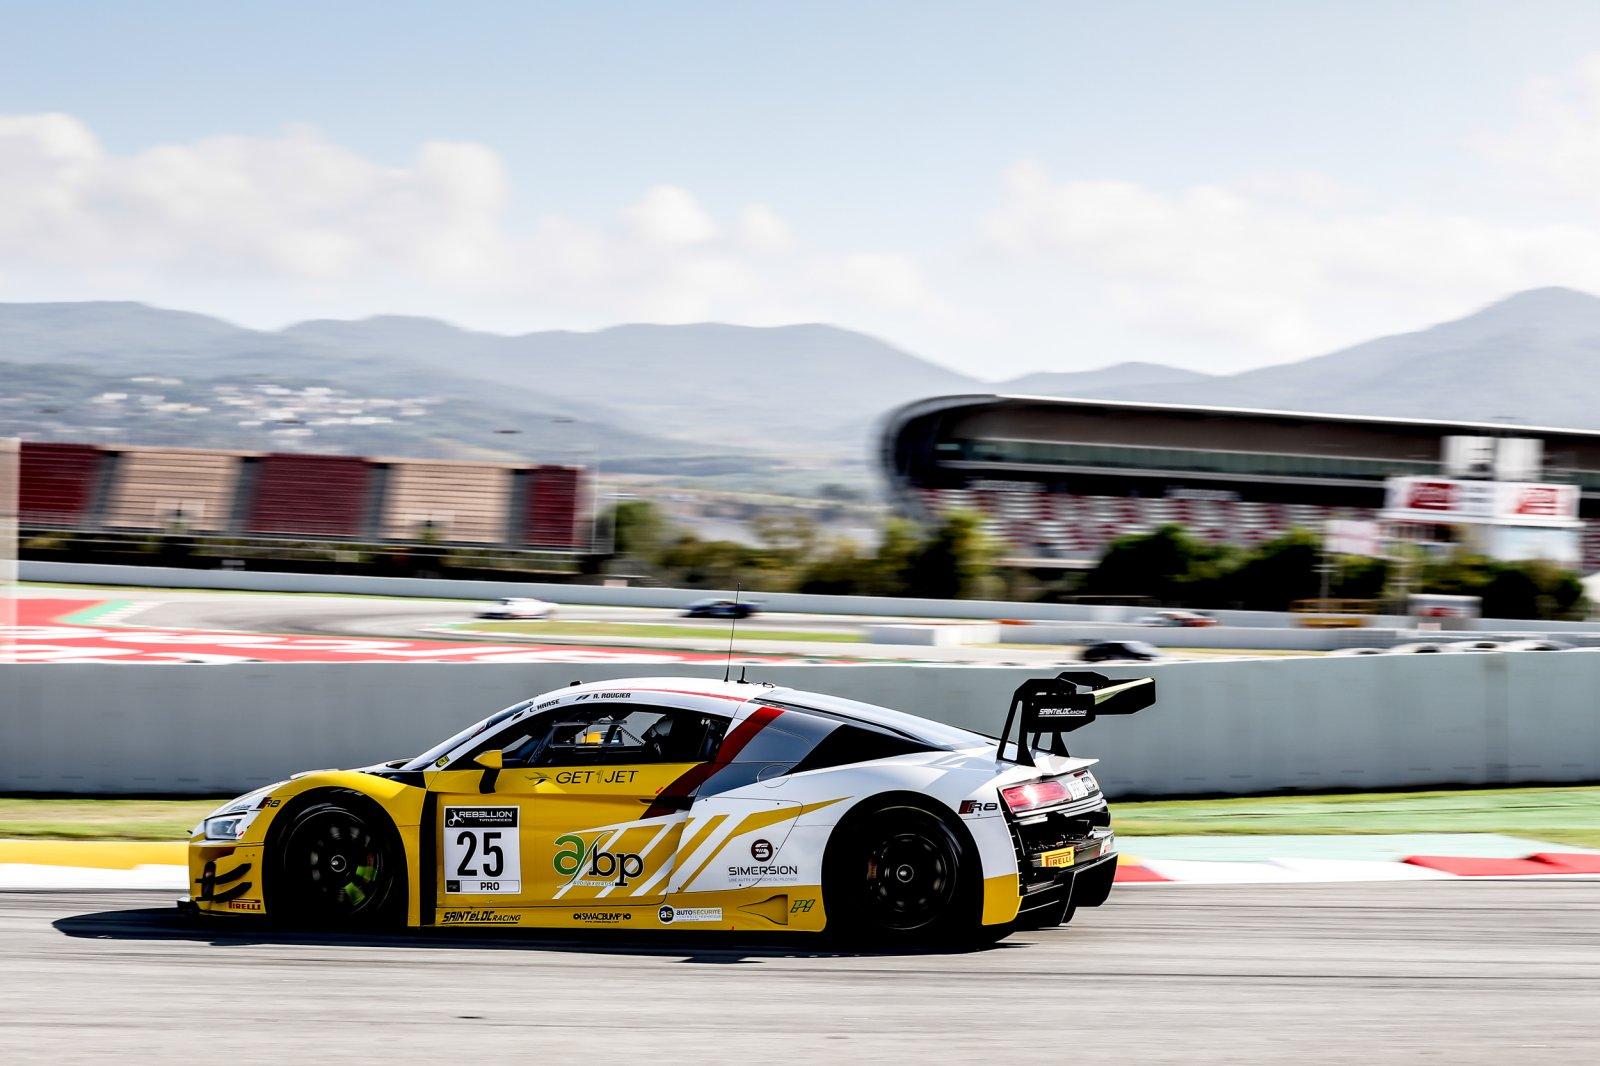 Sainteloc Audi tops opening Barcelona practice as Sprint Cup decider gets underway